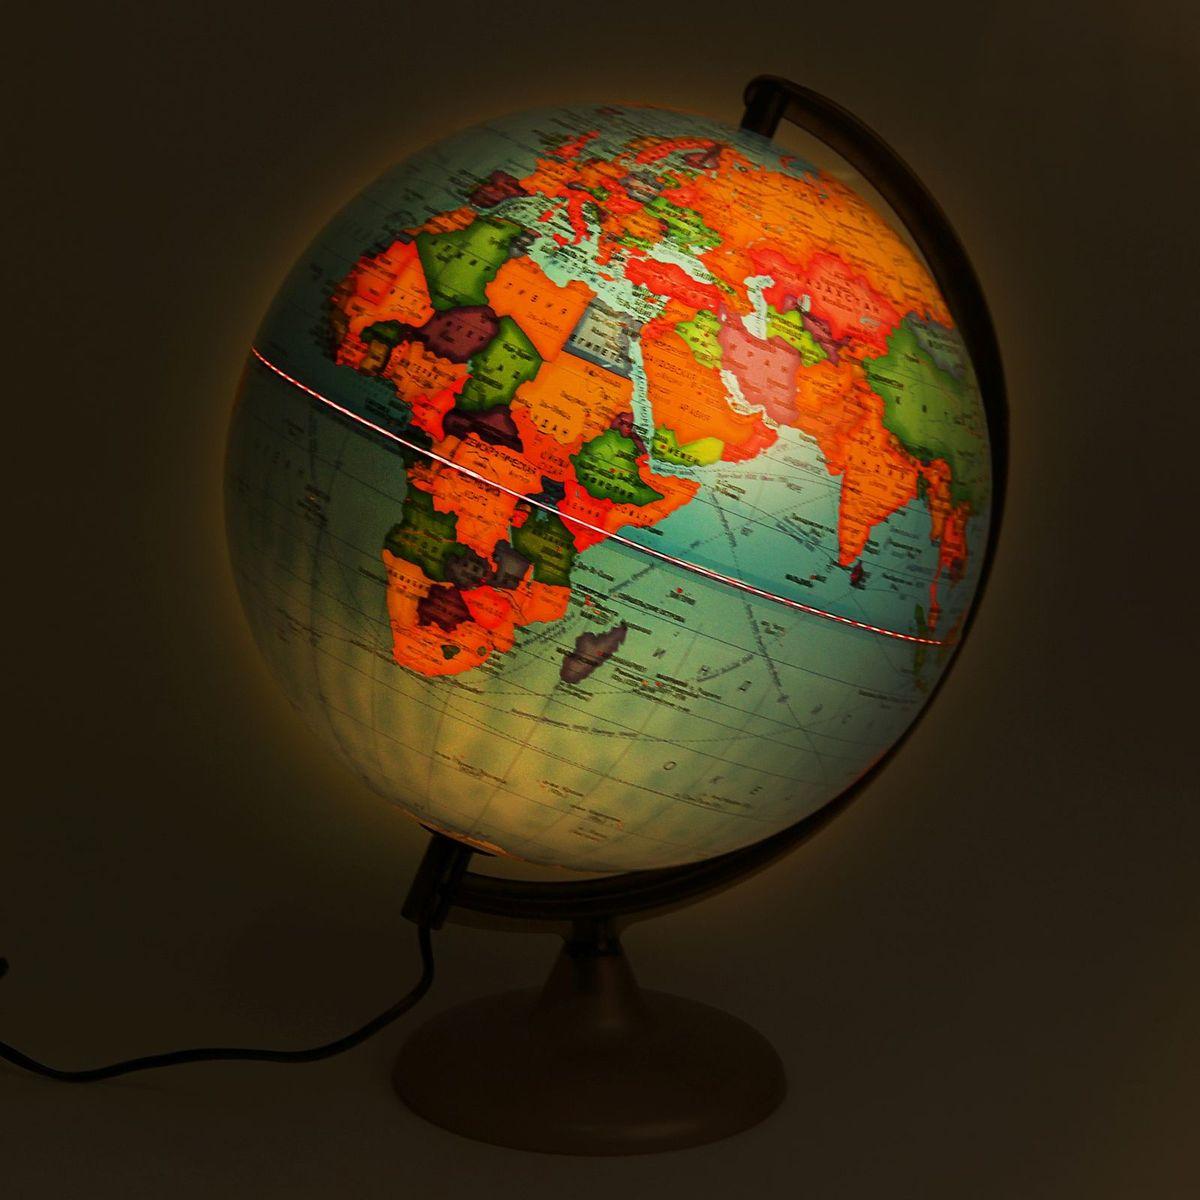 Глобусный мир Глобус политический с подсветкой диаметр 30 см Глобусный мир